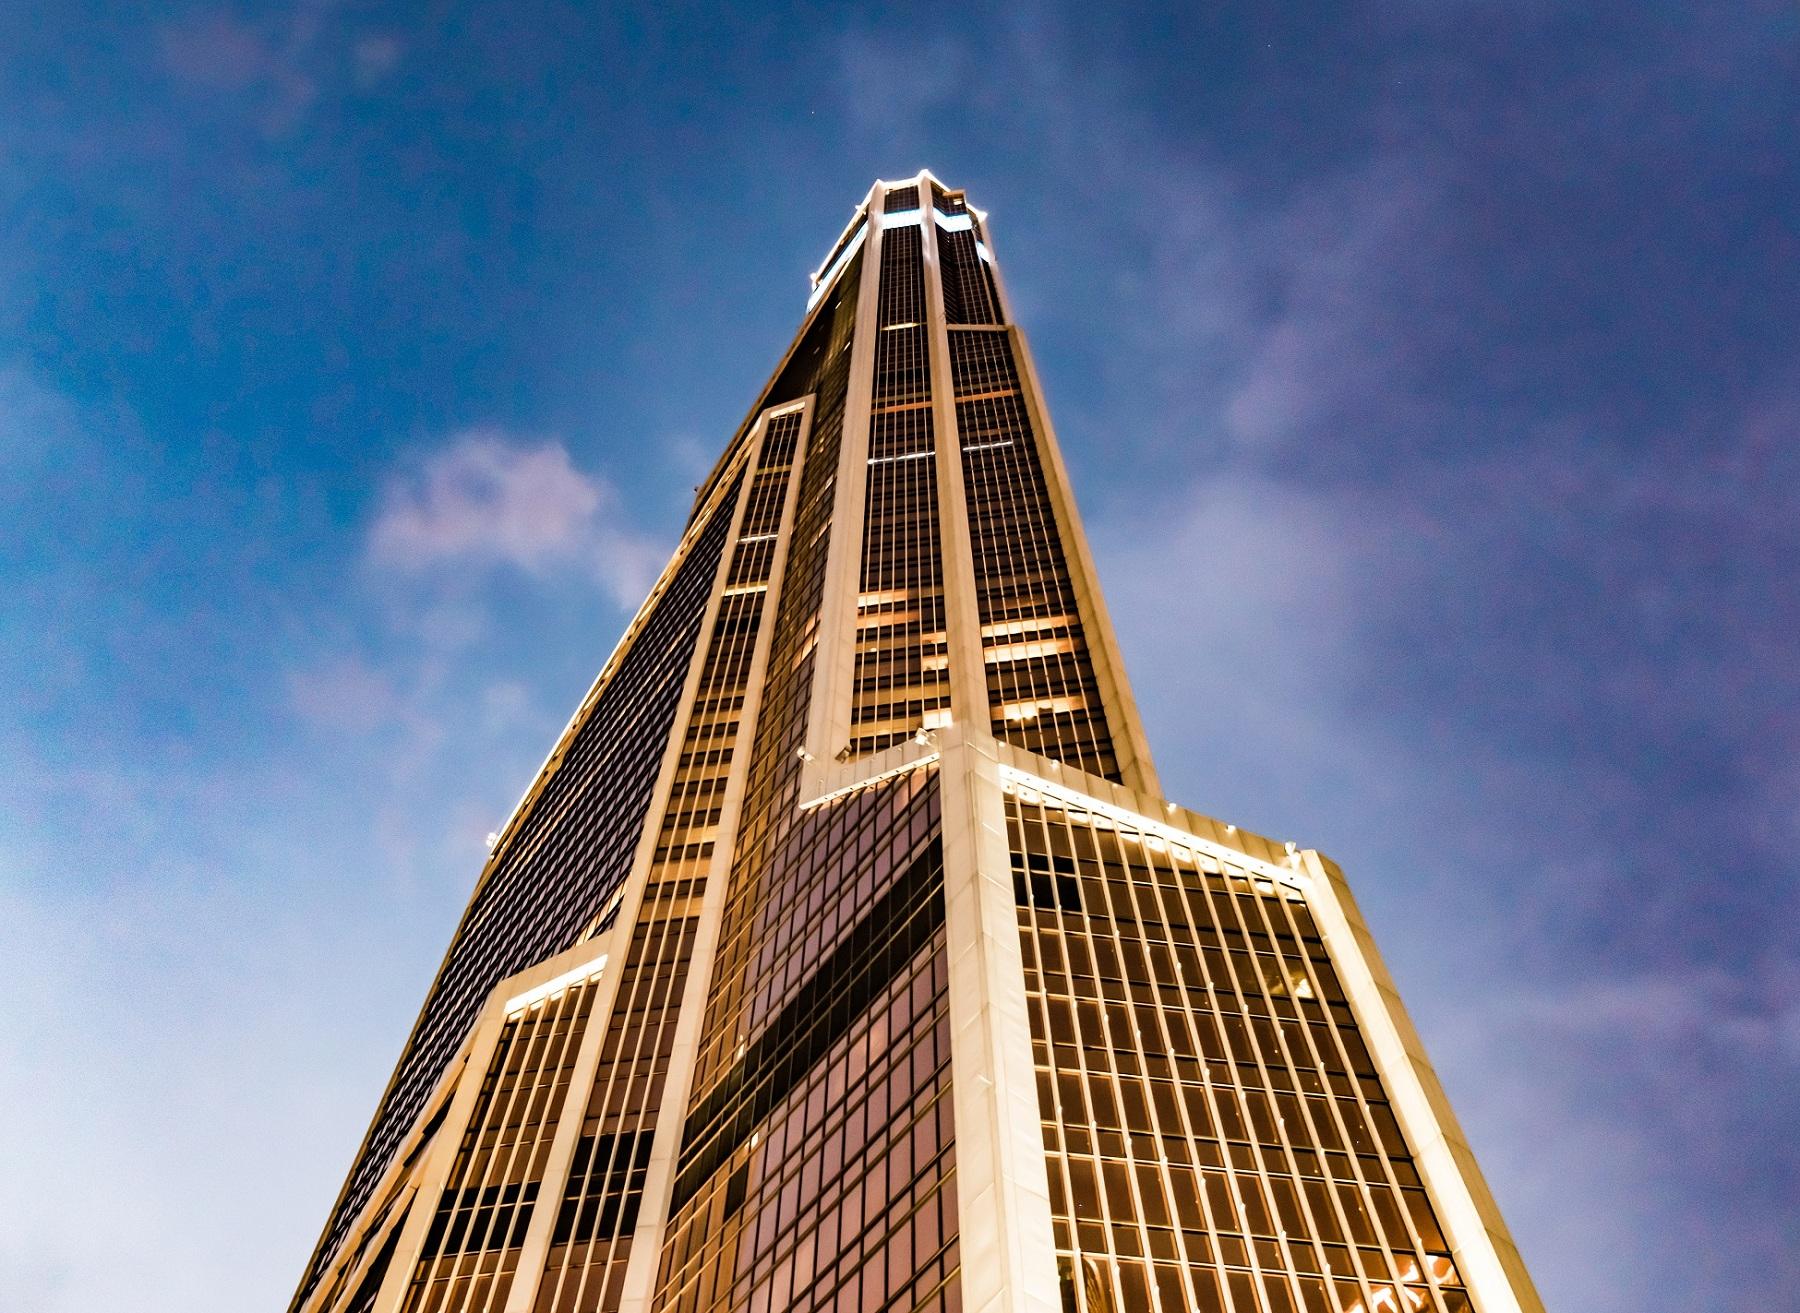 Башня Меркурий Сити.jpg